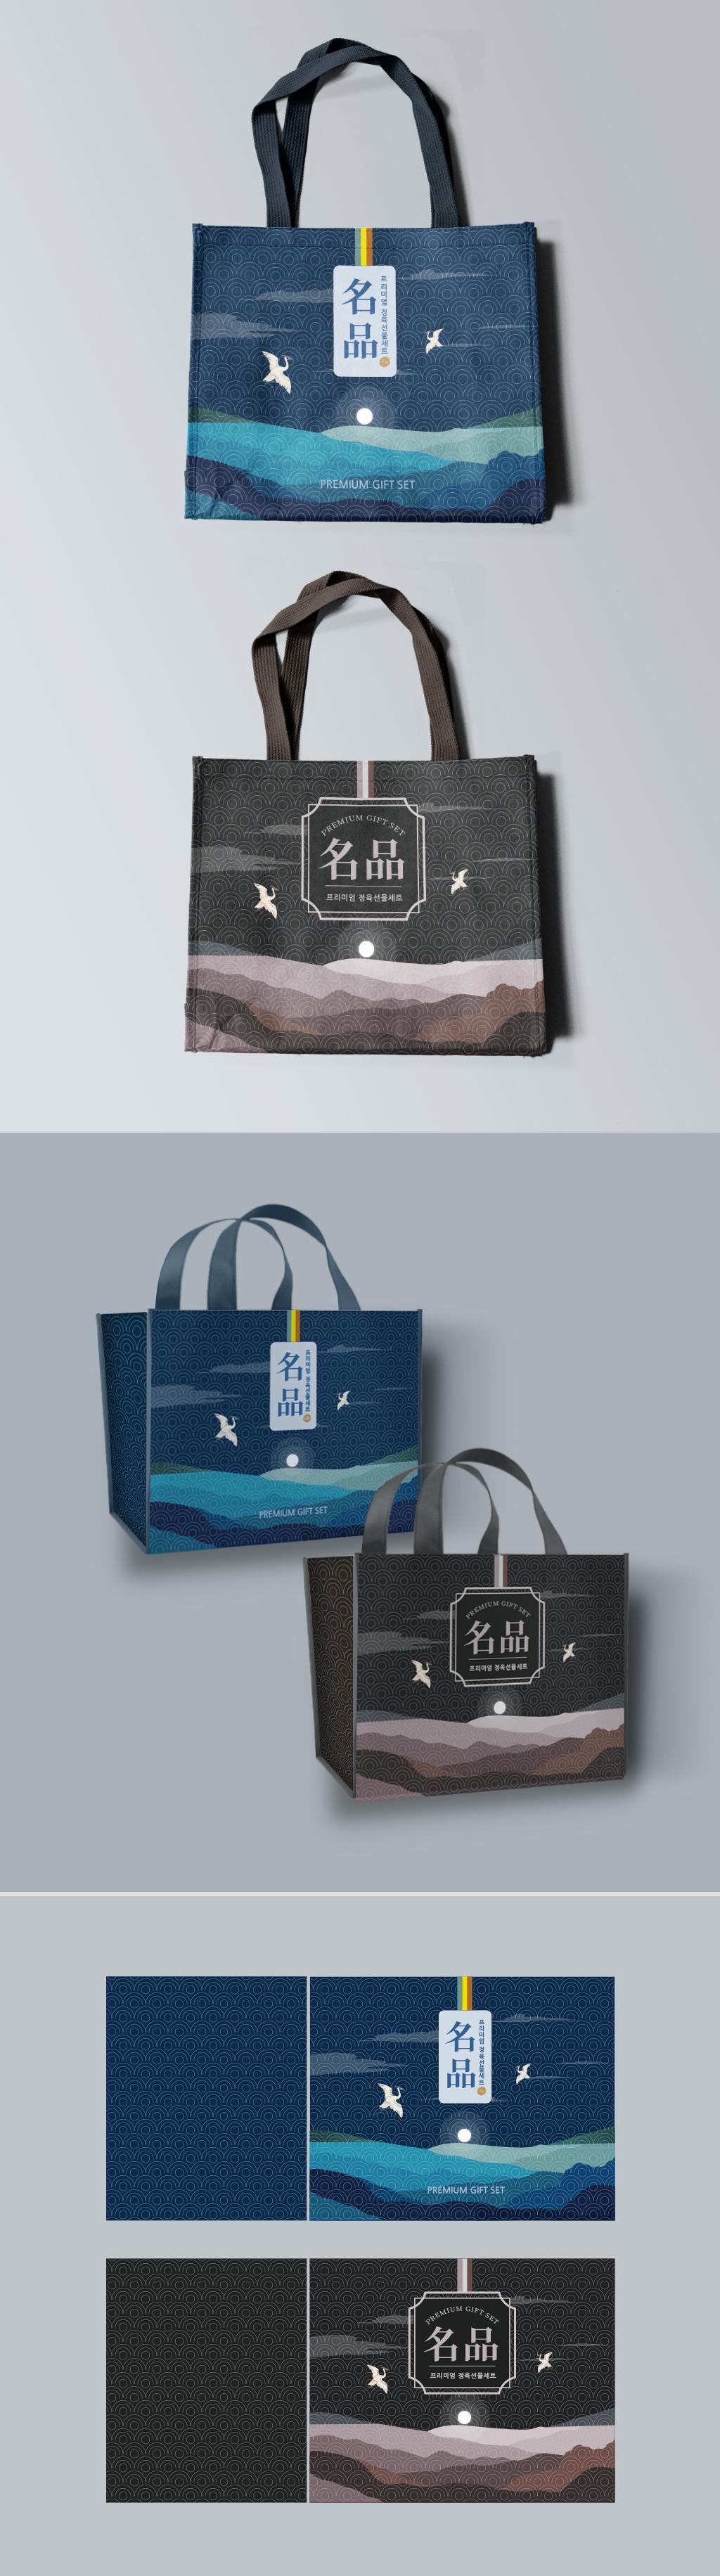 패키지 디자인 | 선물용 부직포가방(패키지) 디자인 | 라우드소싱 포트폴리오